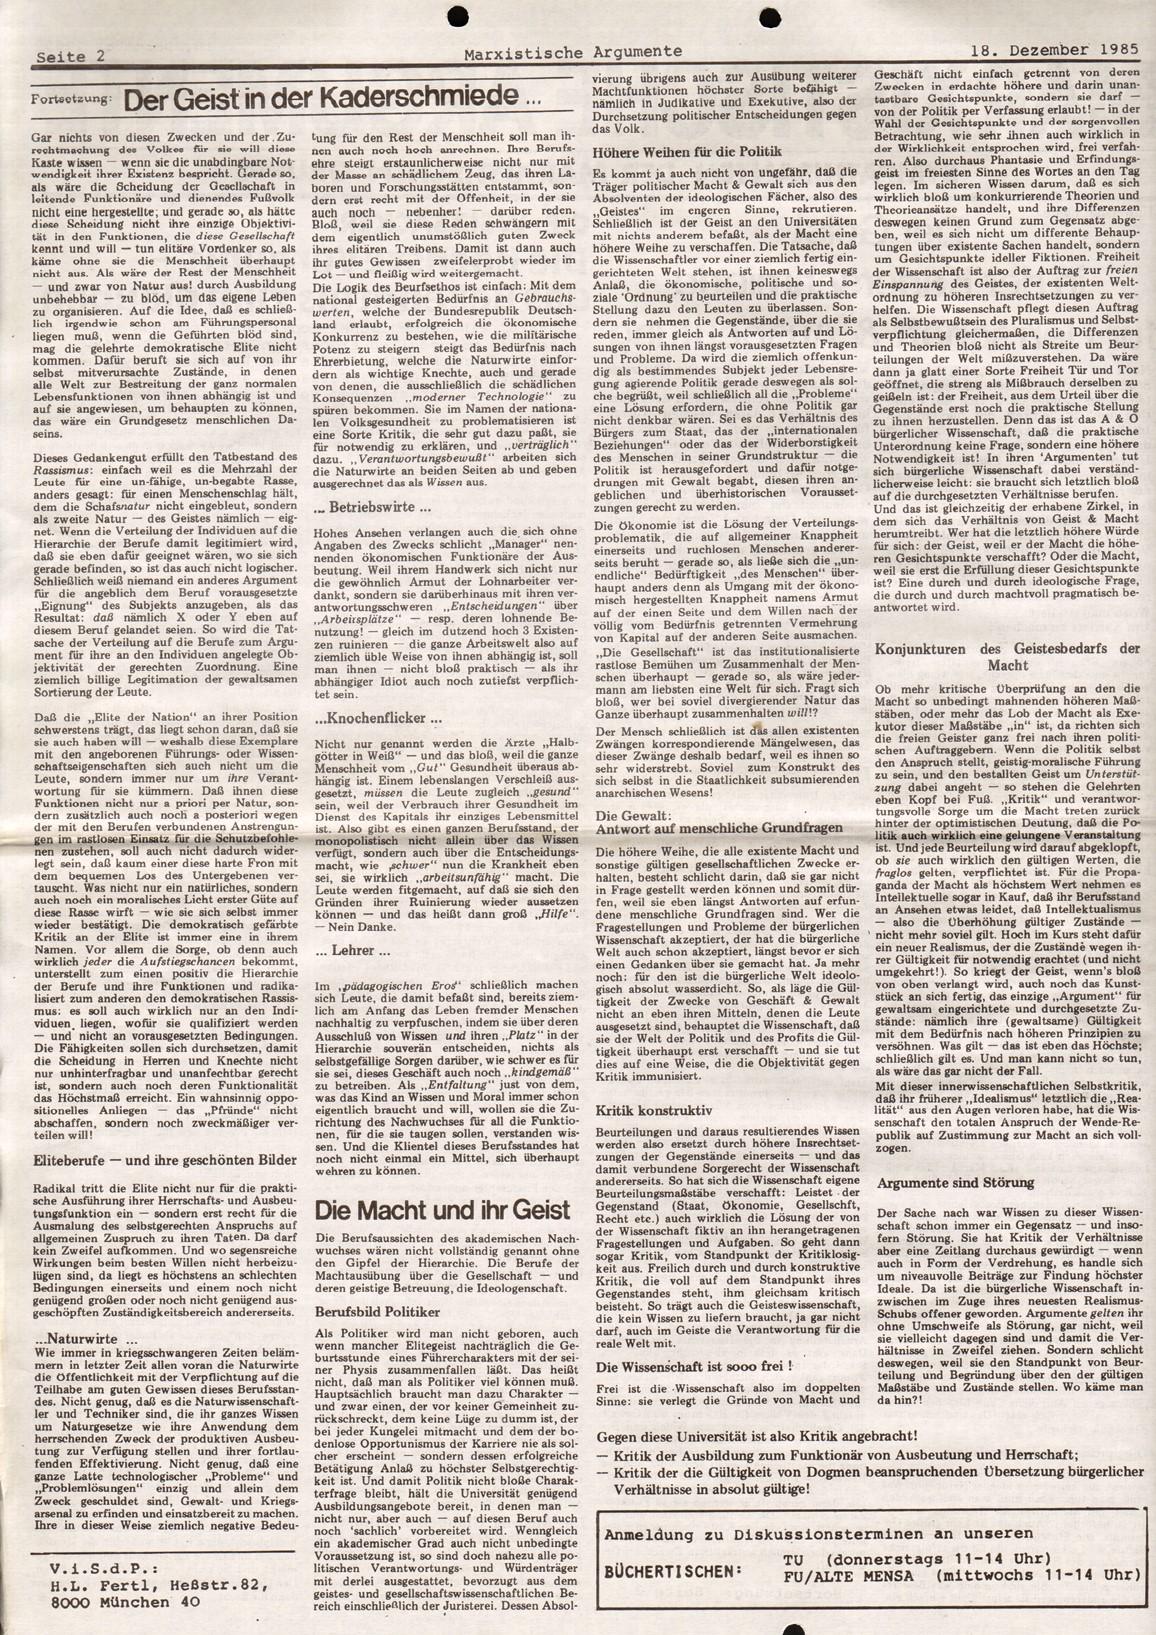 Berlin_MG_Symp_Argumente_19851218_02